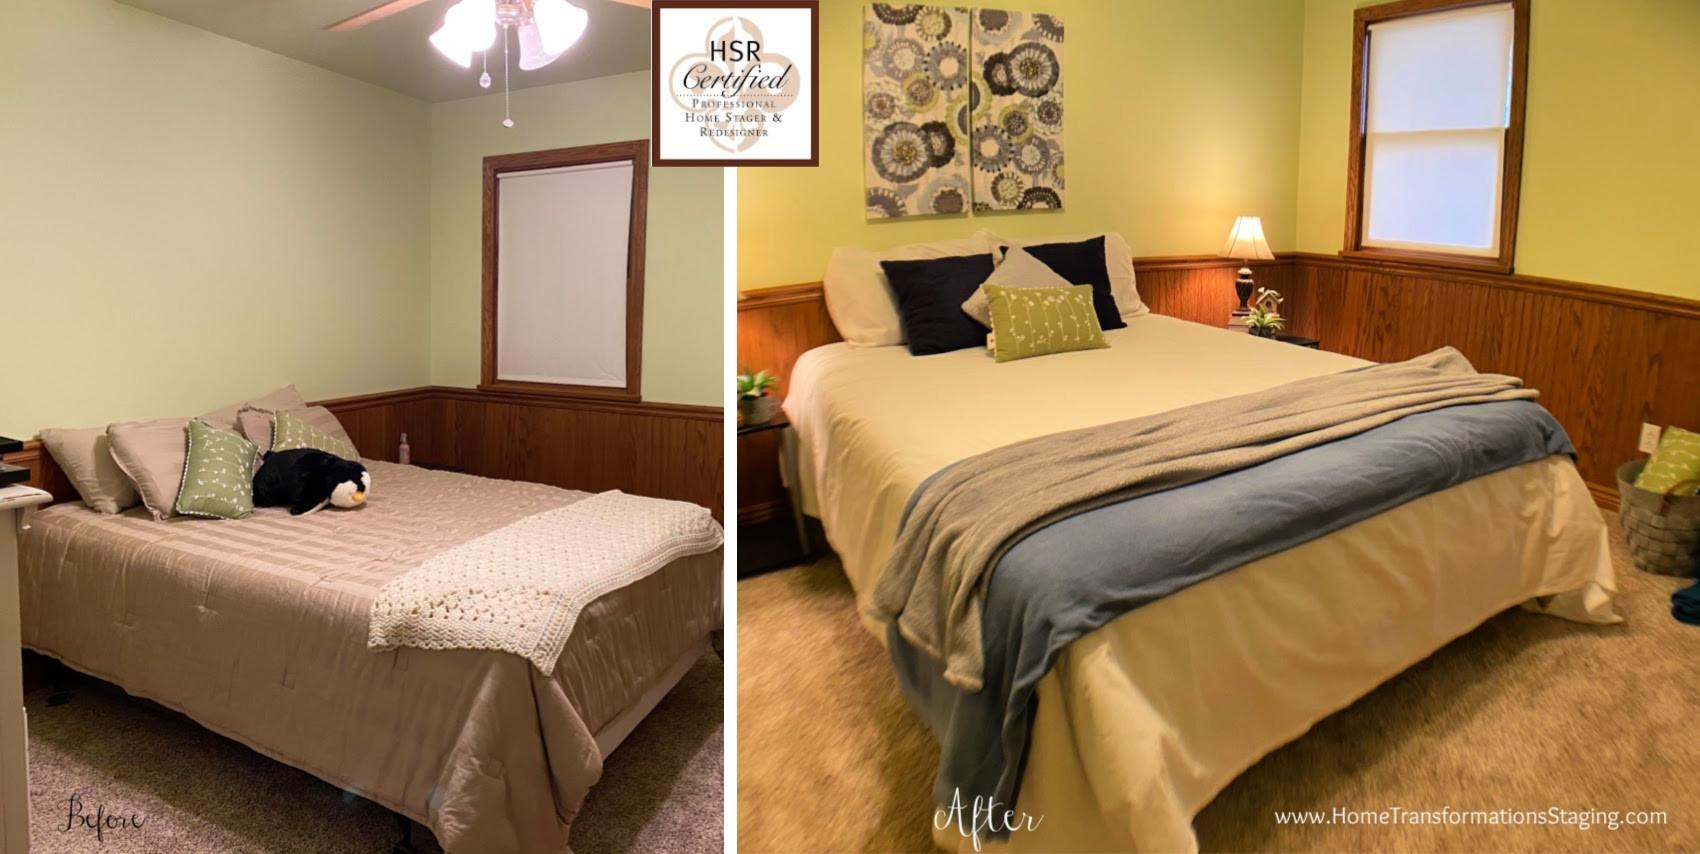 Boshaw bedroom side by side.jpg